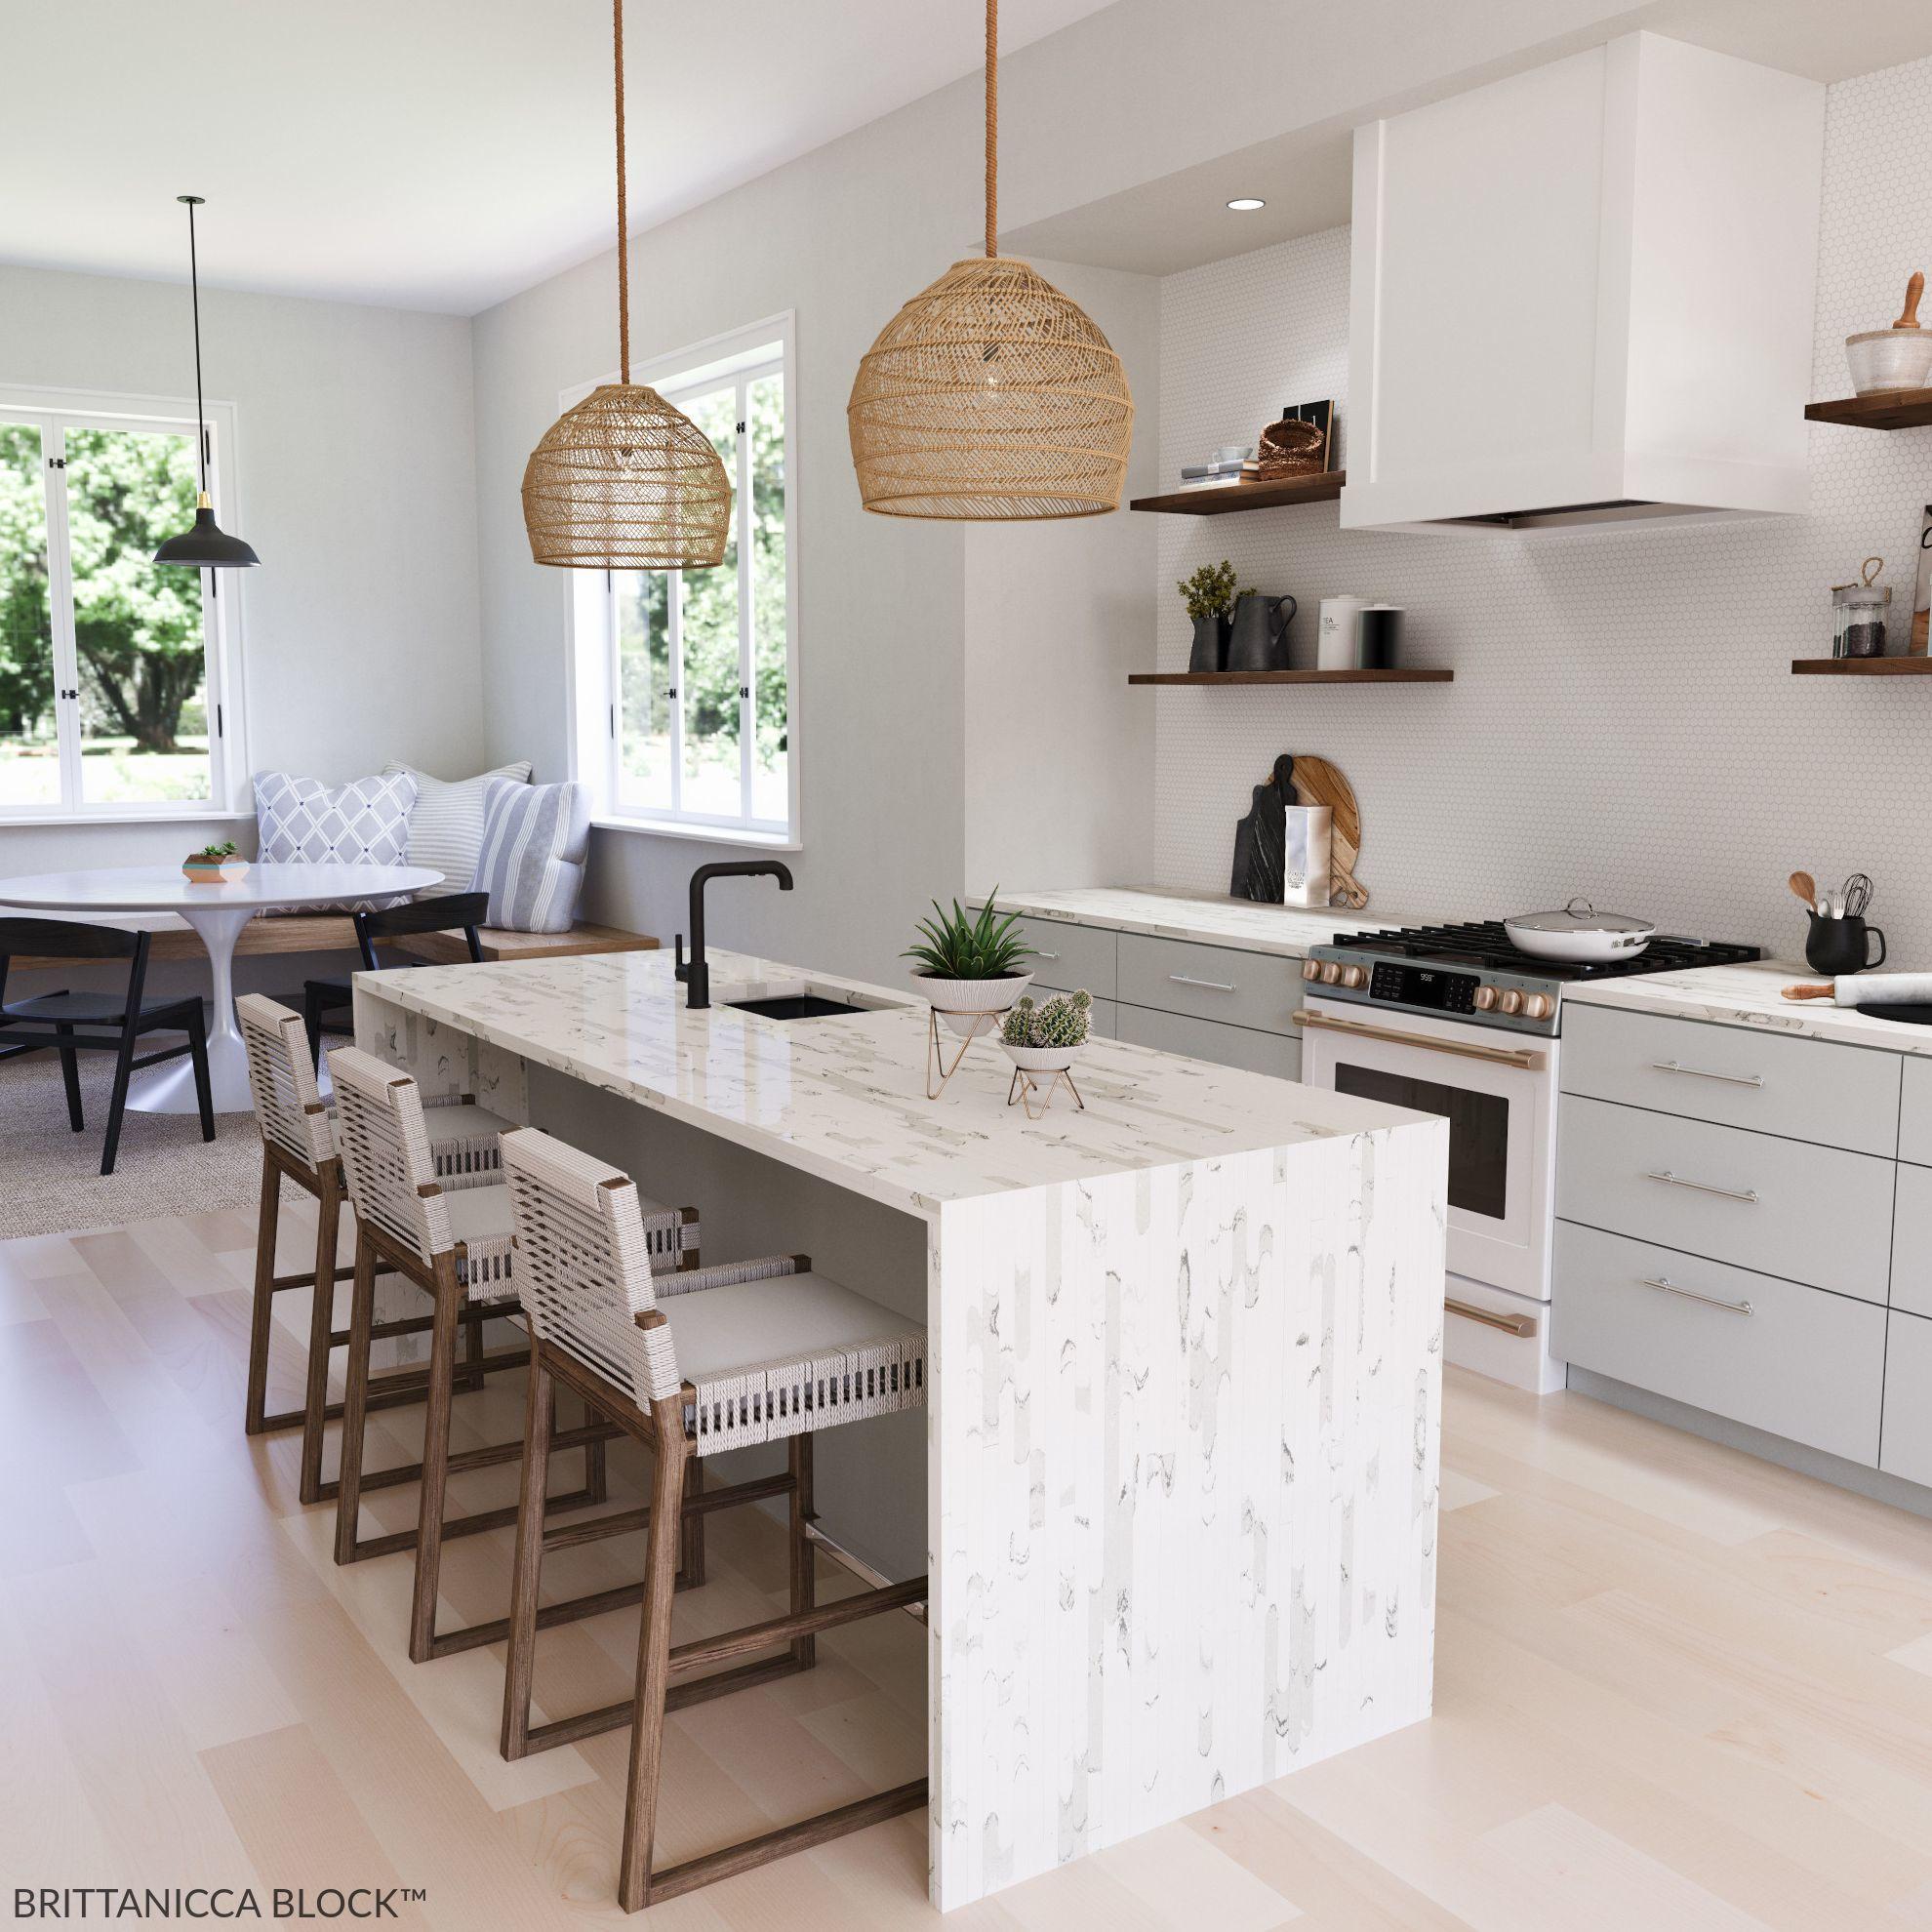 Cambria-Quartz-Countertops-Brittanicca-Block-Kitchen